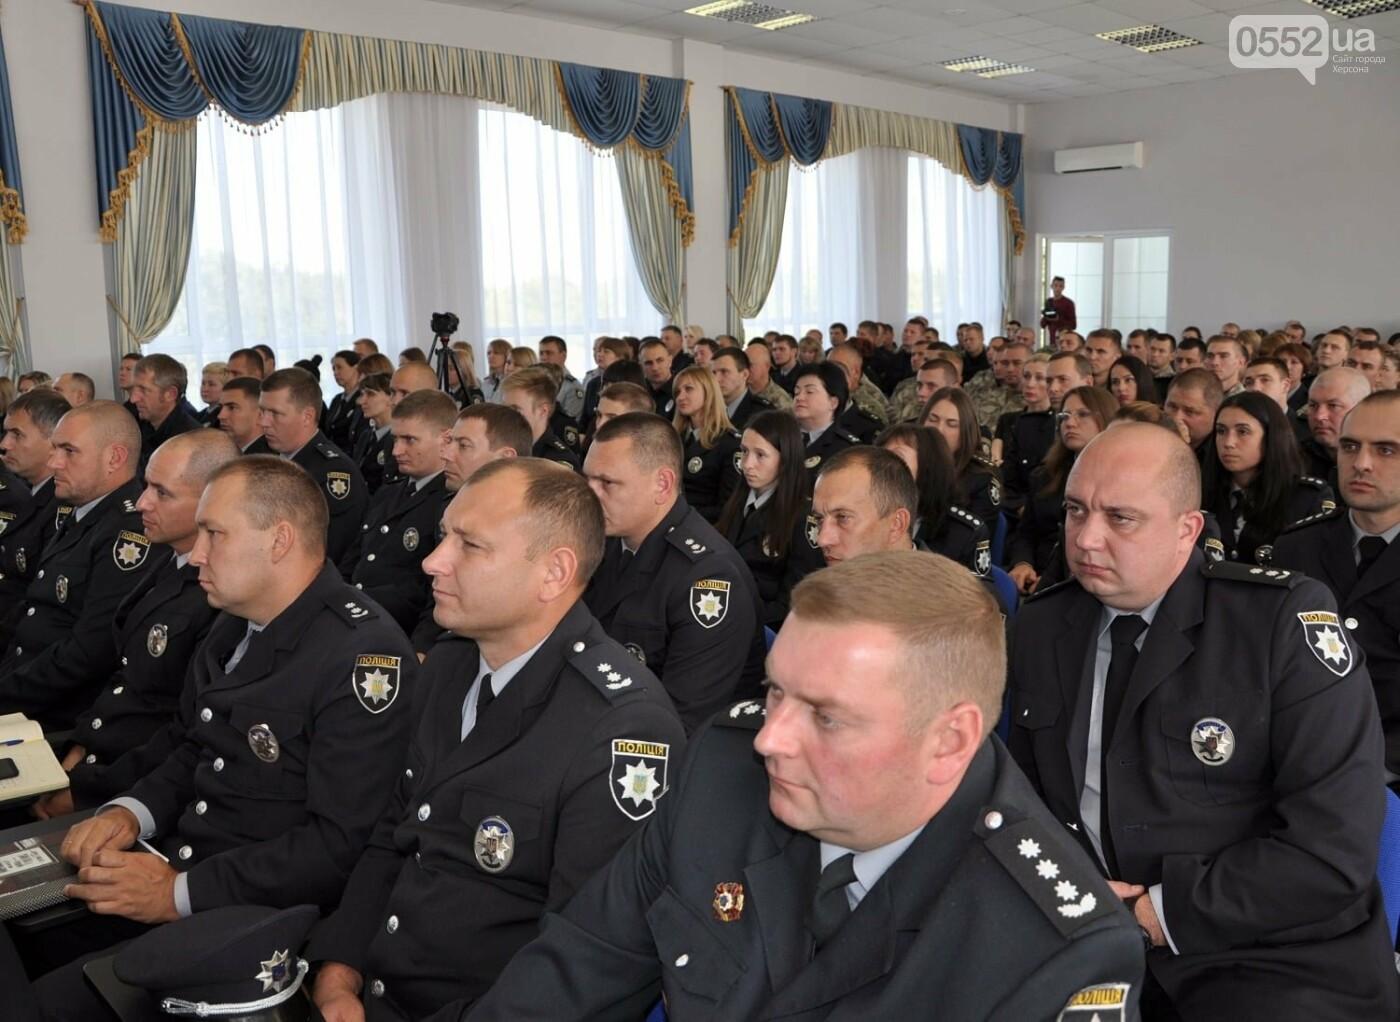 В Херсонской области новый начальник Главного управления Национальной полиции, фото-3